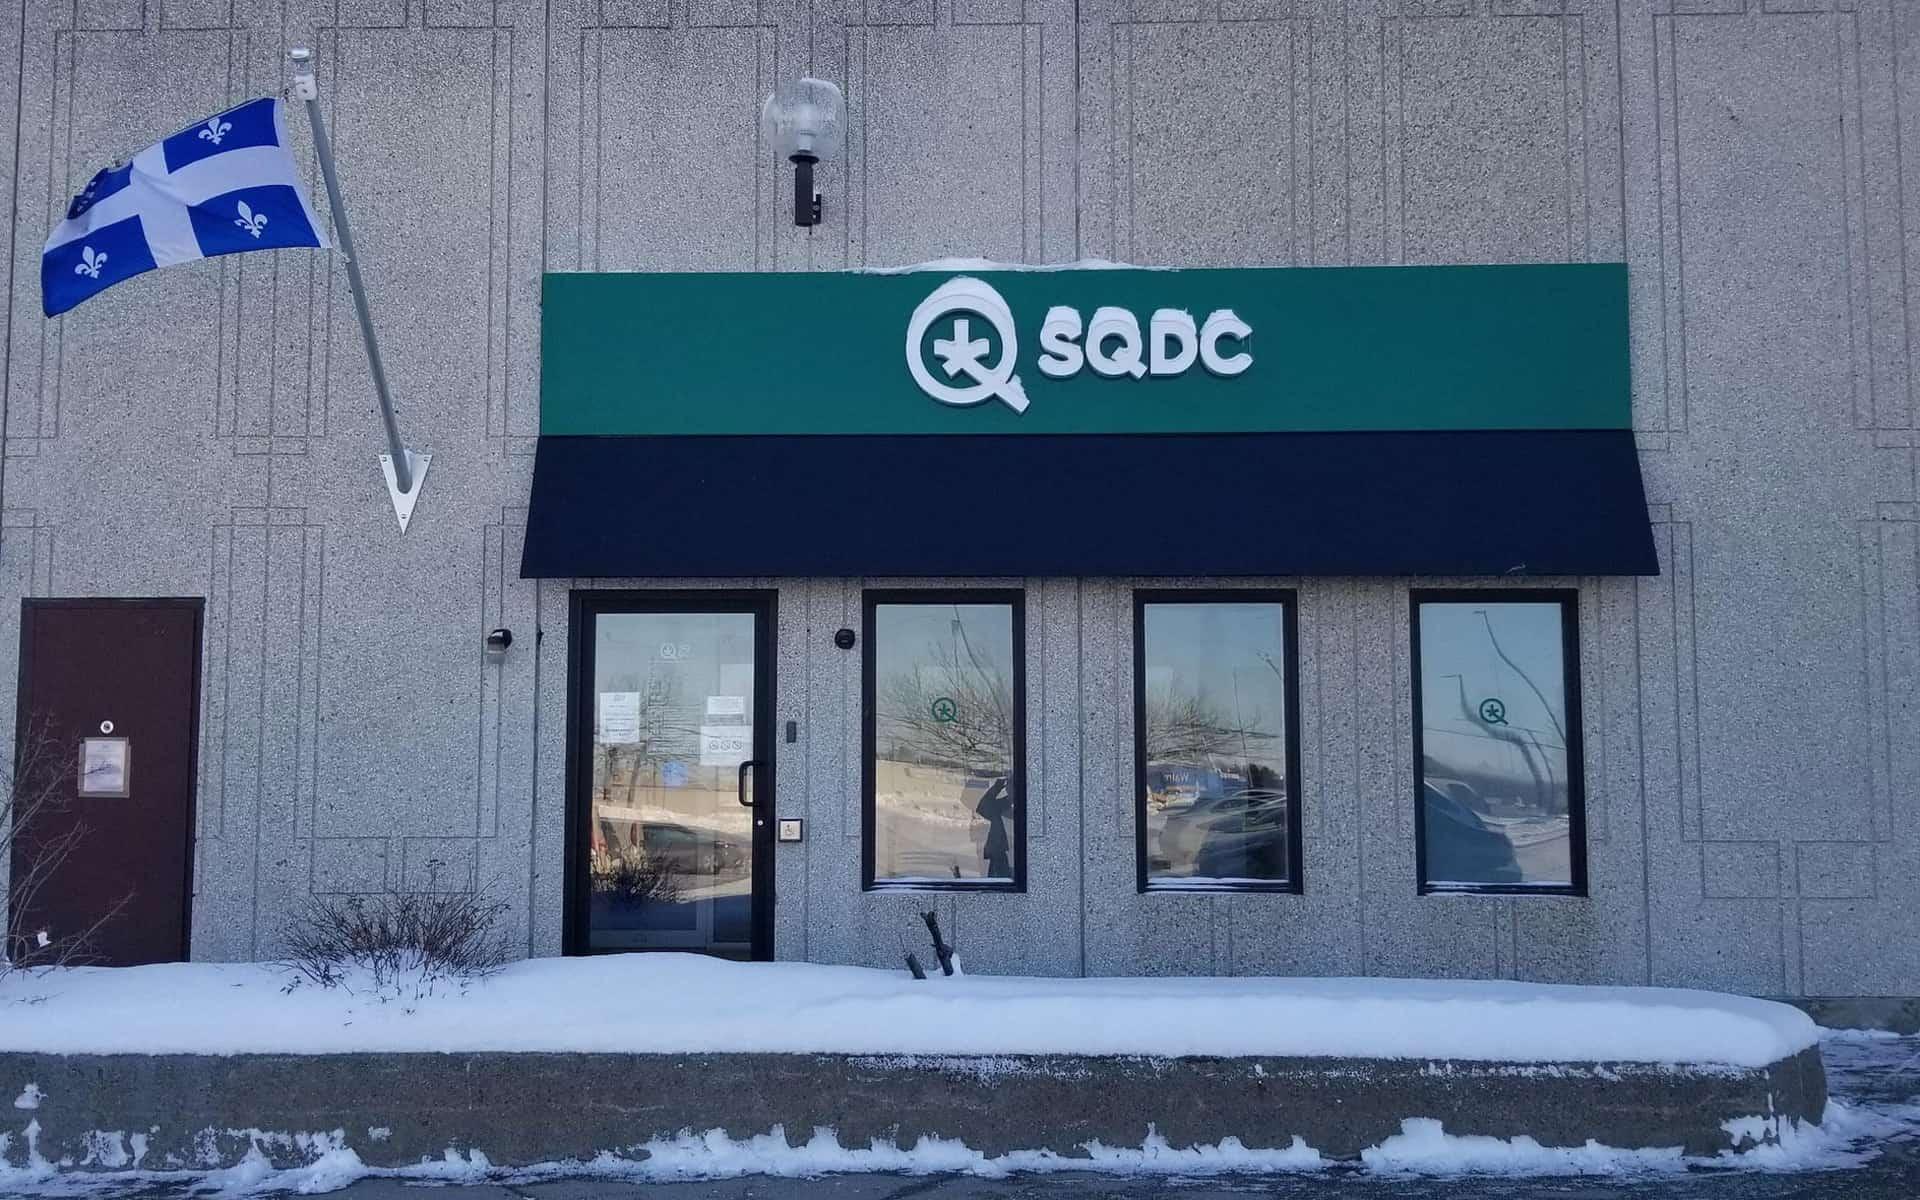 Quebec essential service